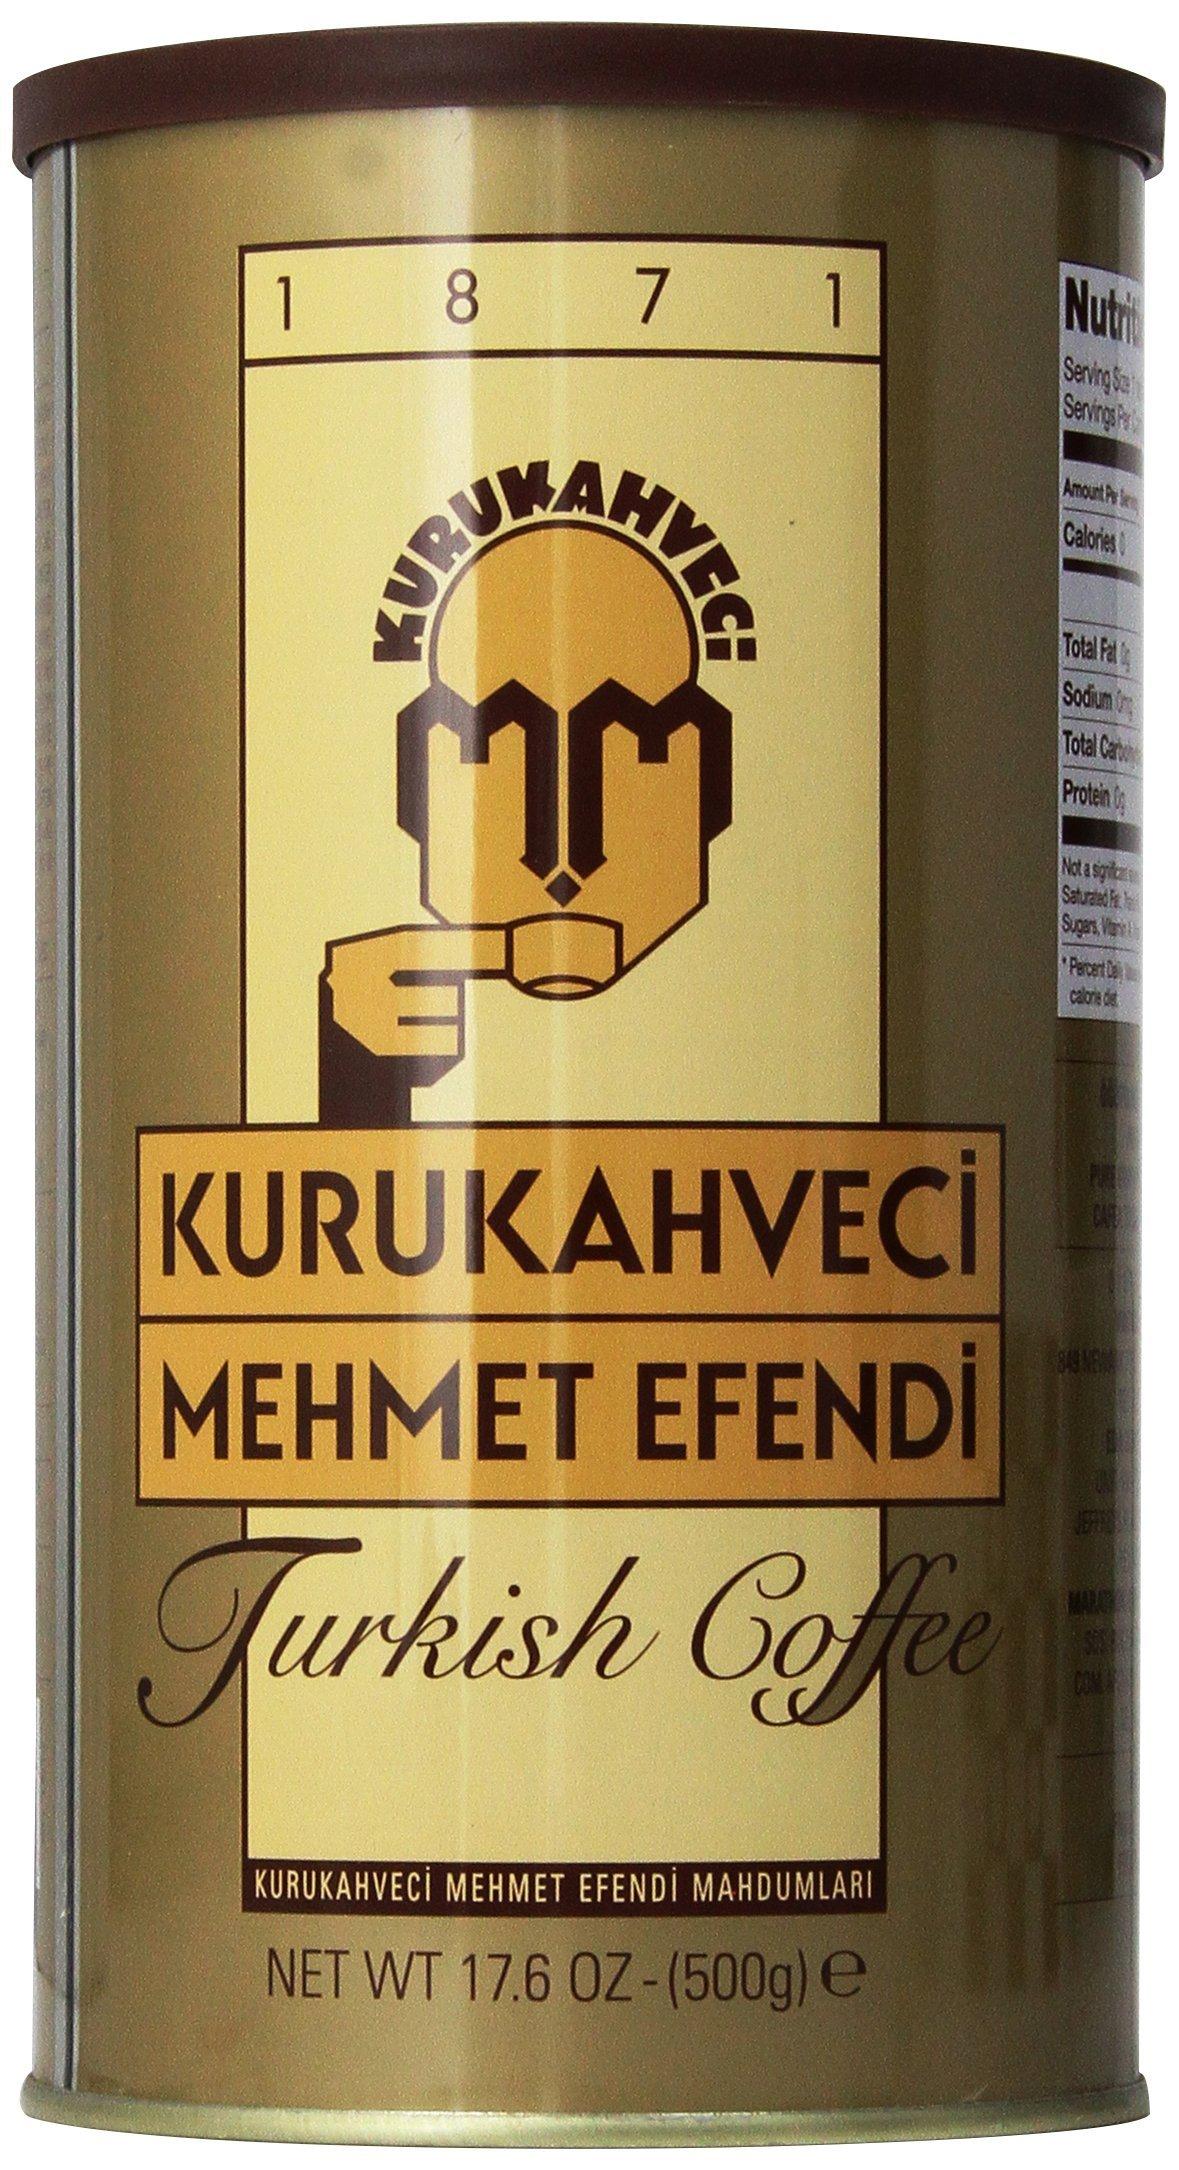 Kurukahveci Mehmet Efendi Turkish Coffee,17.6 Ounce